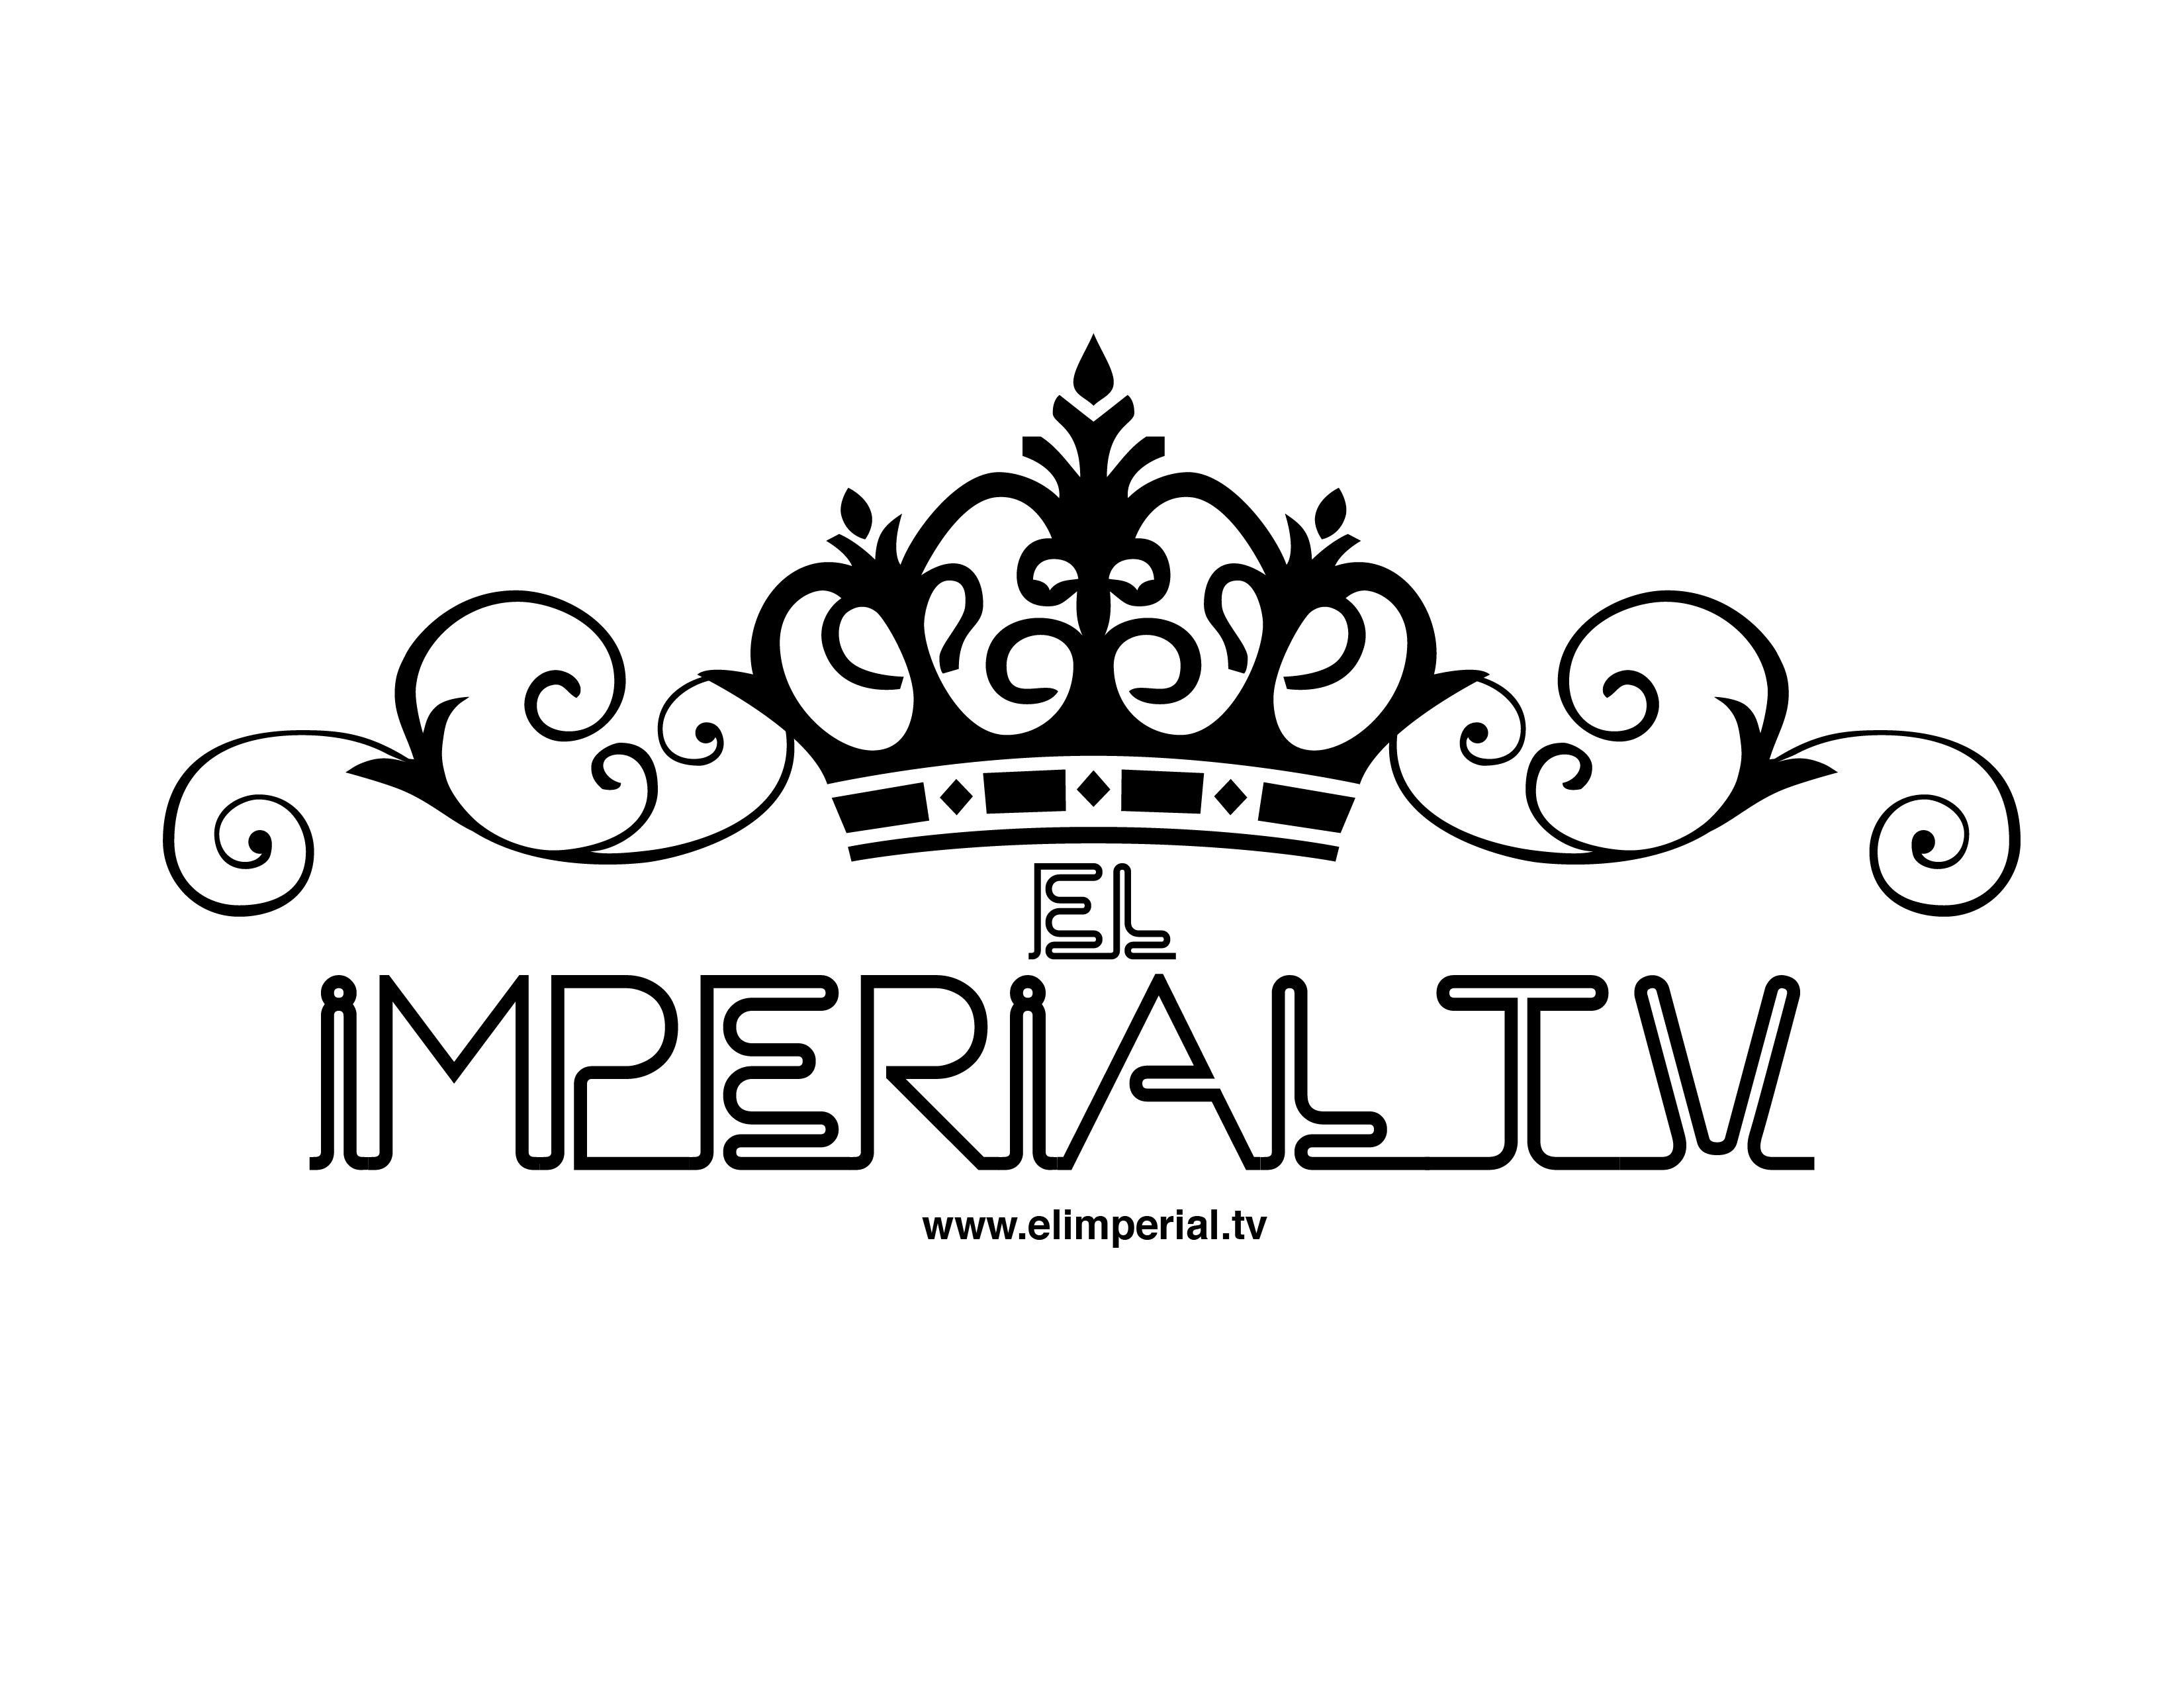 ImperialTV-01